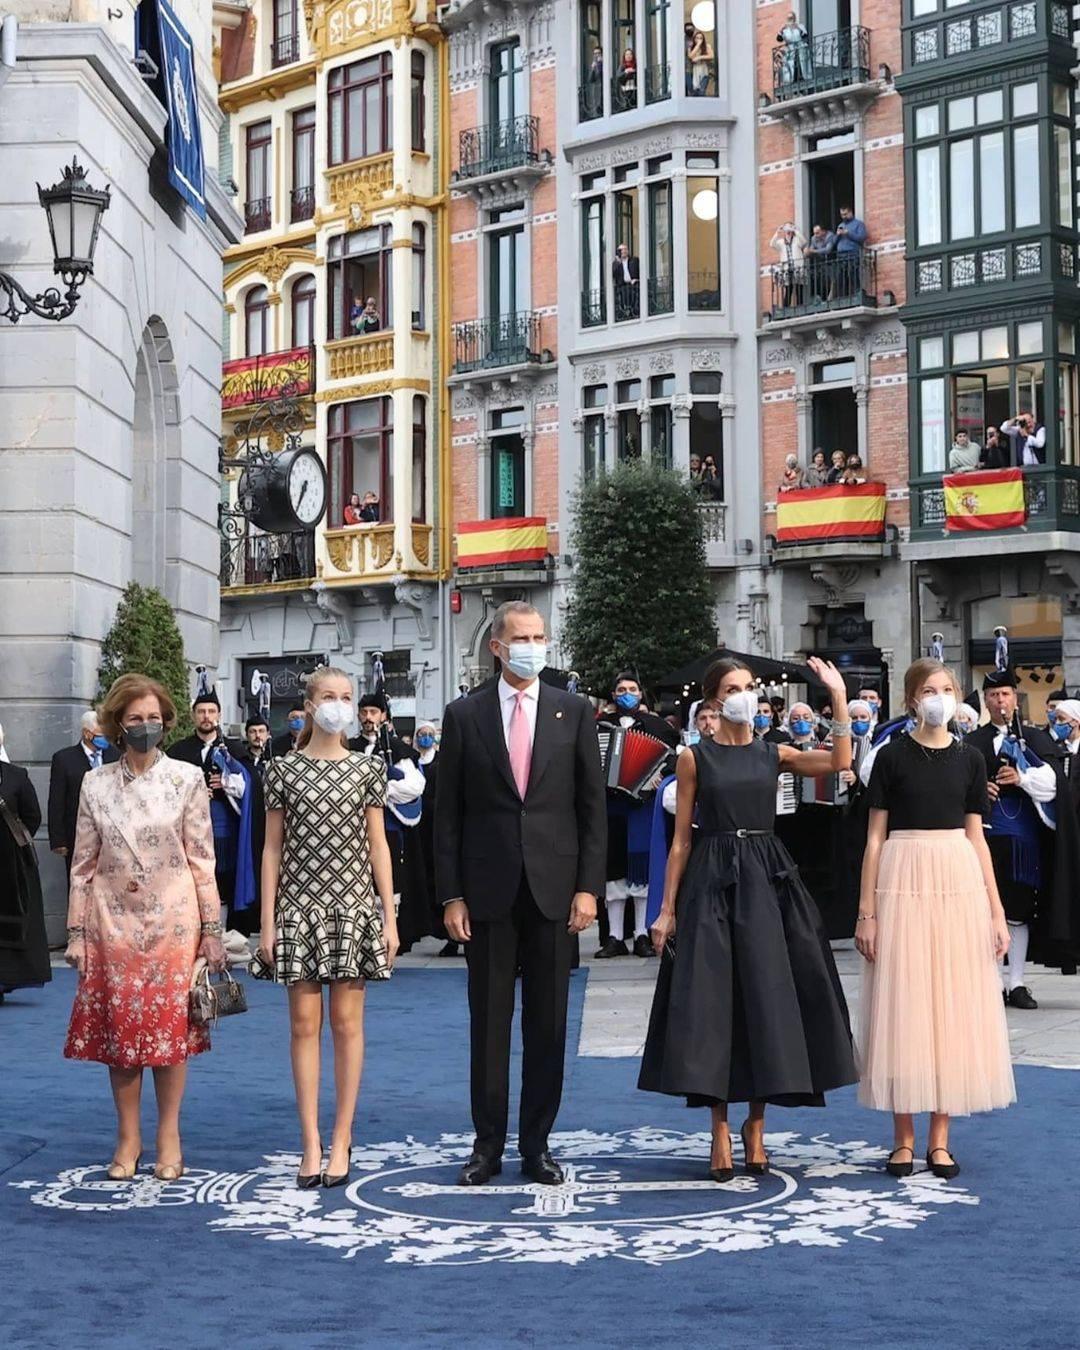 西班牙俩公主再换新造型,初拾女人味,索菲亚首穿长裙身材未蜕变